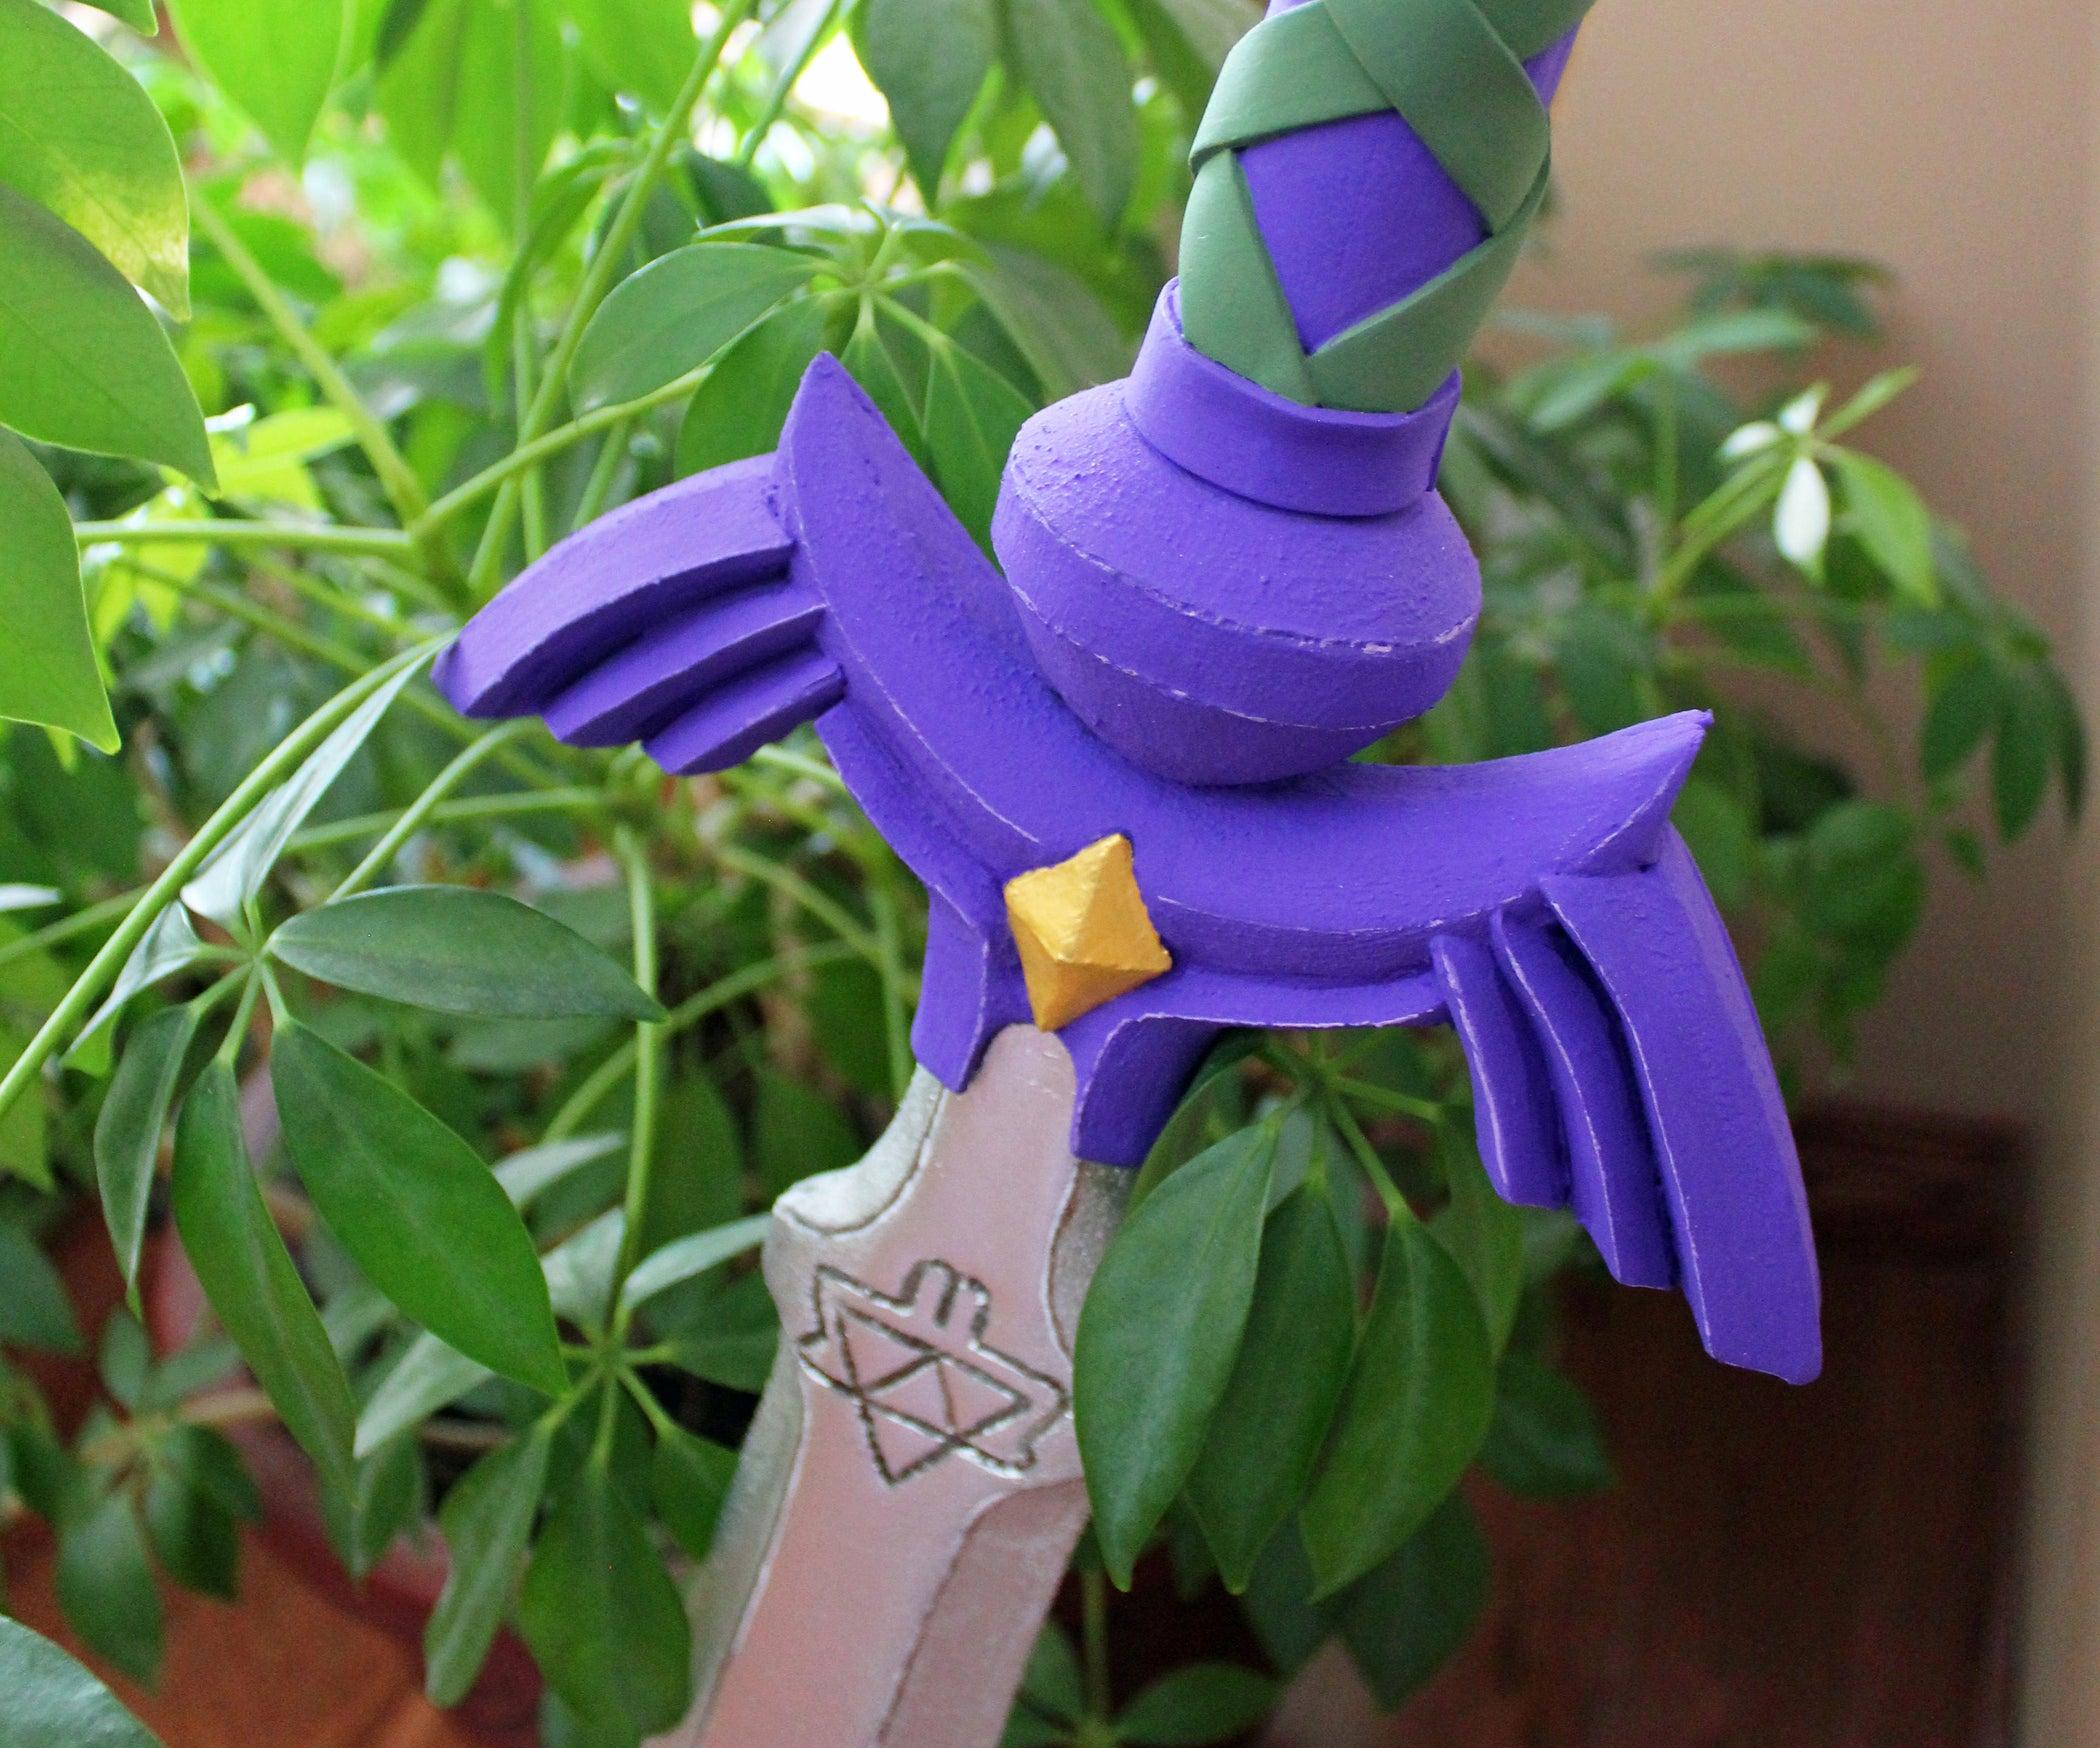 Link S Master Sword From The Legend Of Zelda Hyrule Warriors Flipboard